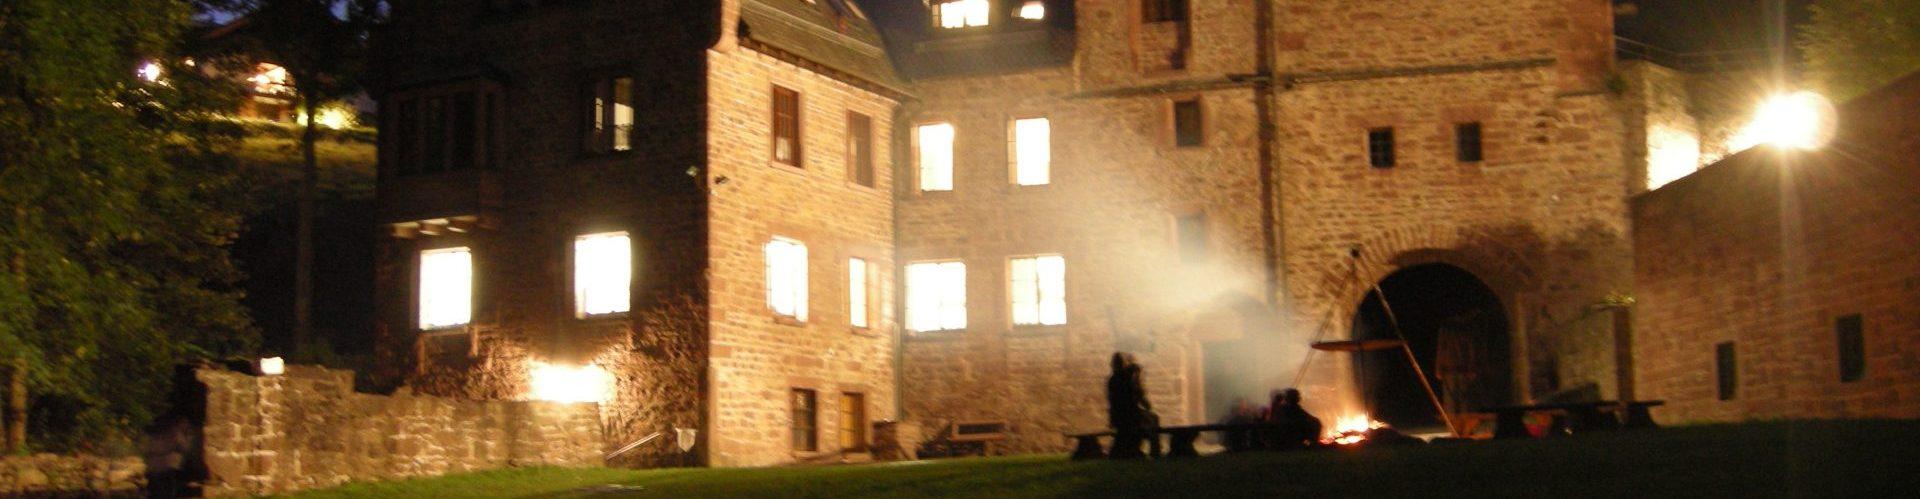 21.-23.10.2016 Jungscharfreizeit auf der Burg Steinegg